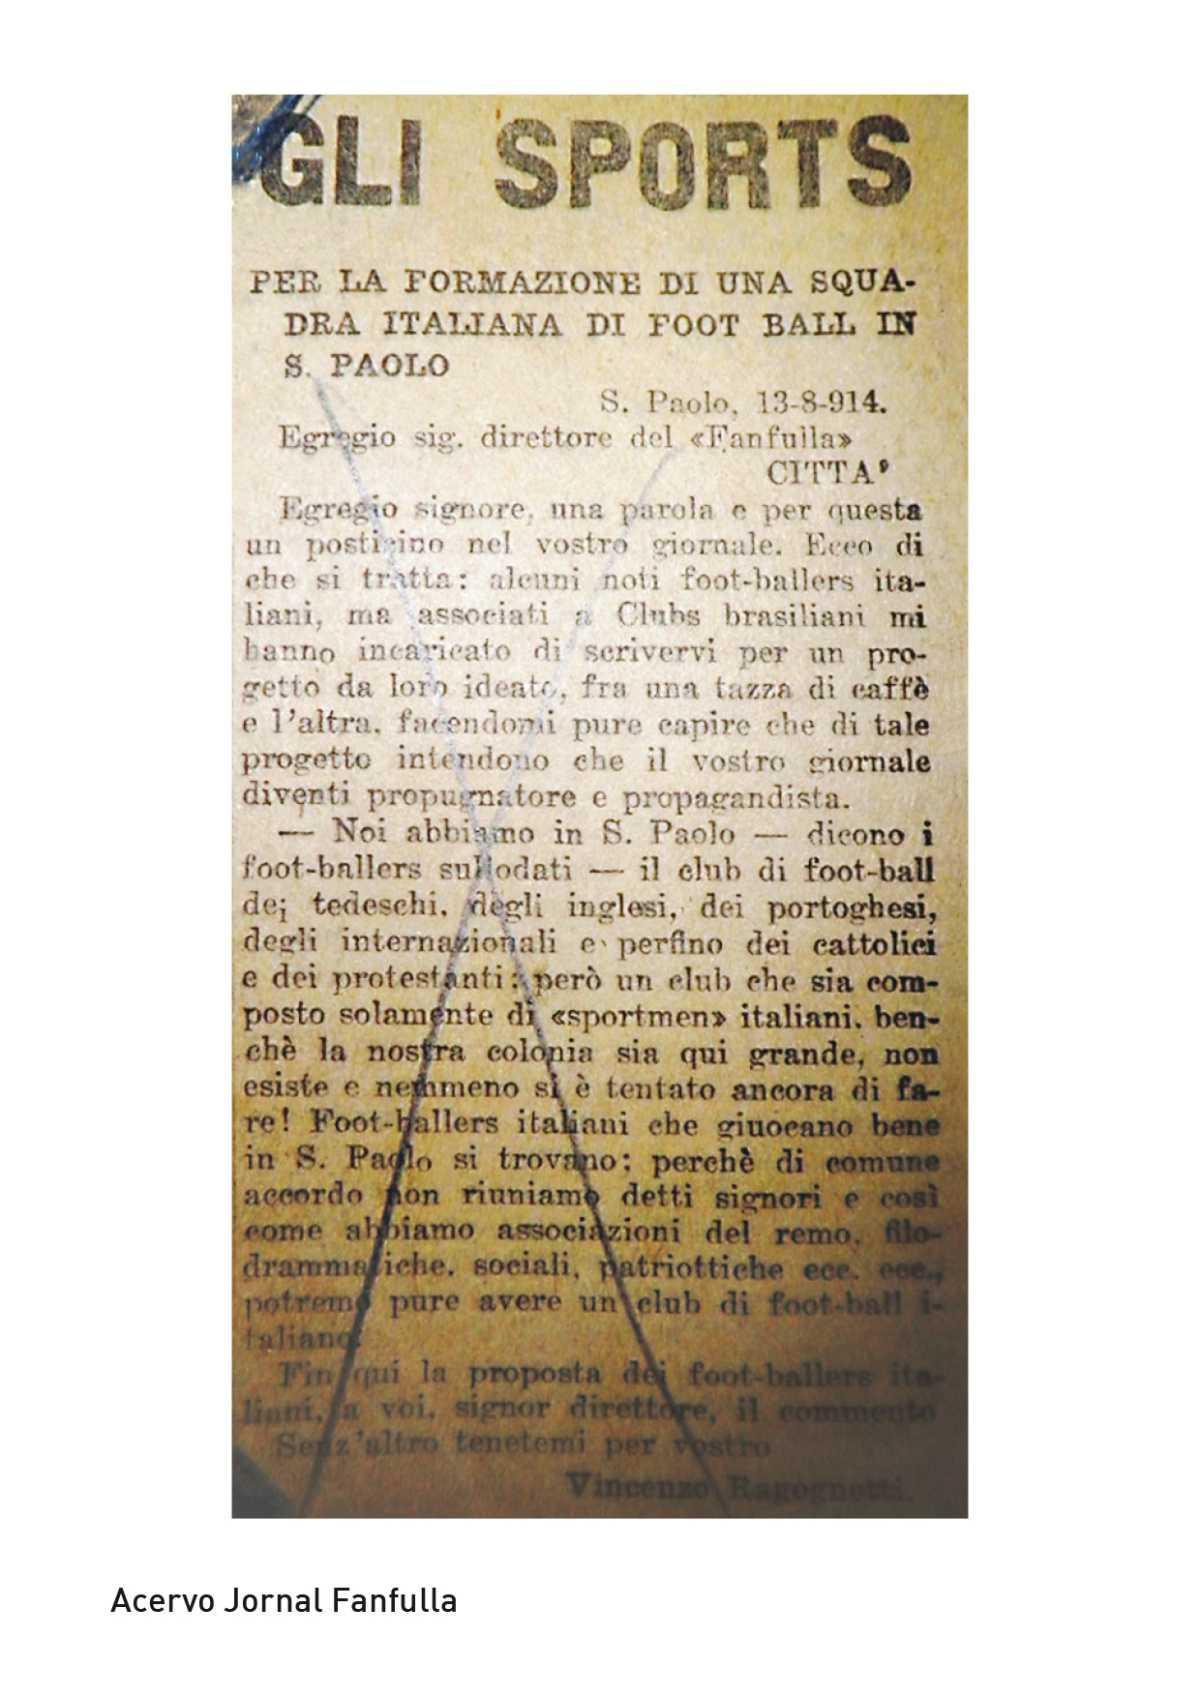 A carta para a fundação